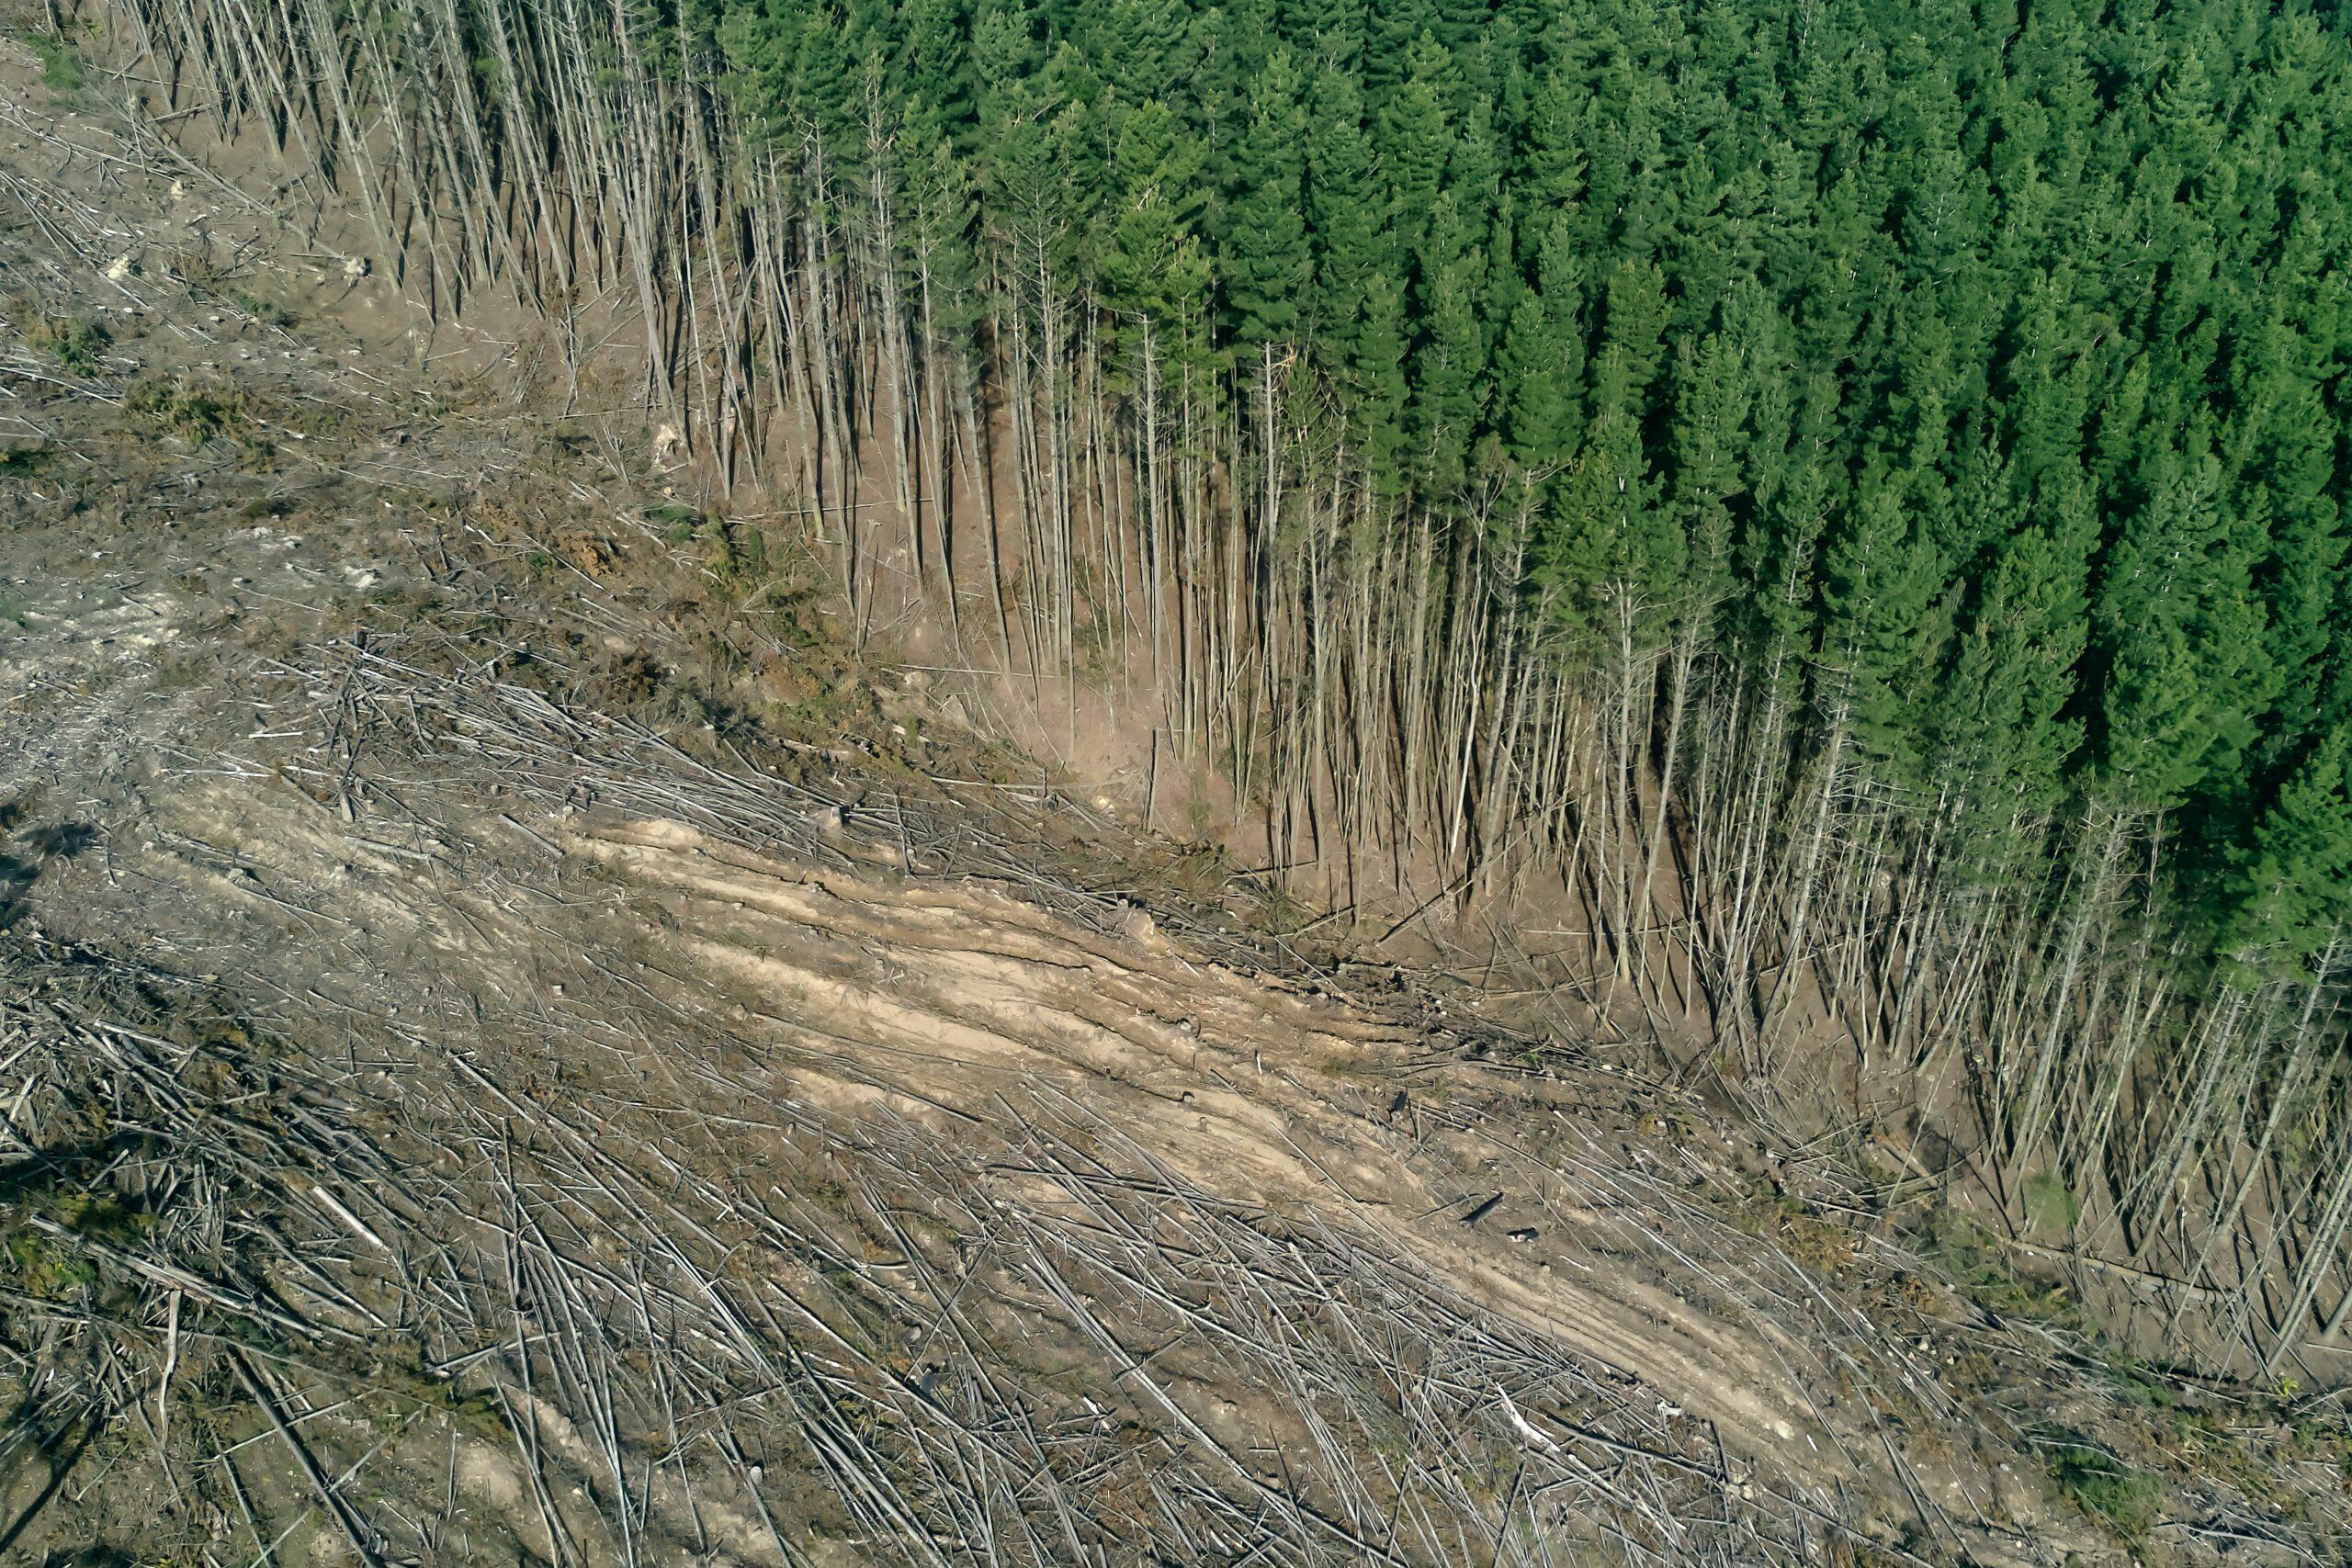 Abholzung Papierherstellung - smart to plan Papierschonung und Klimaschutz